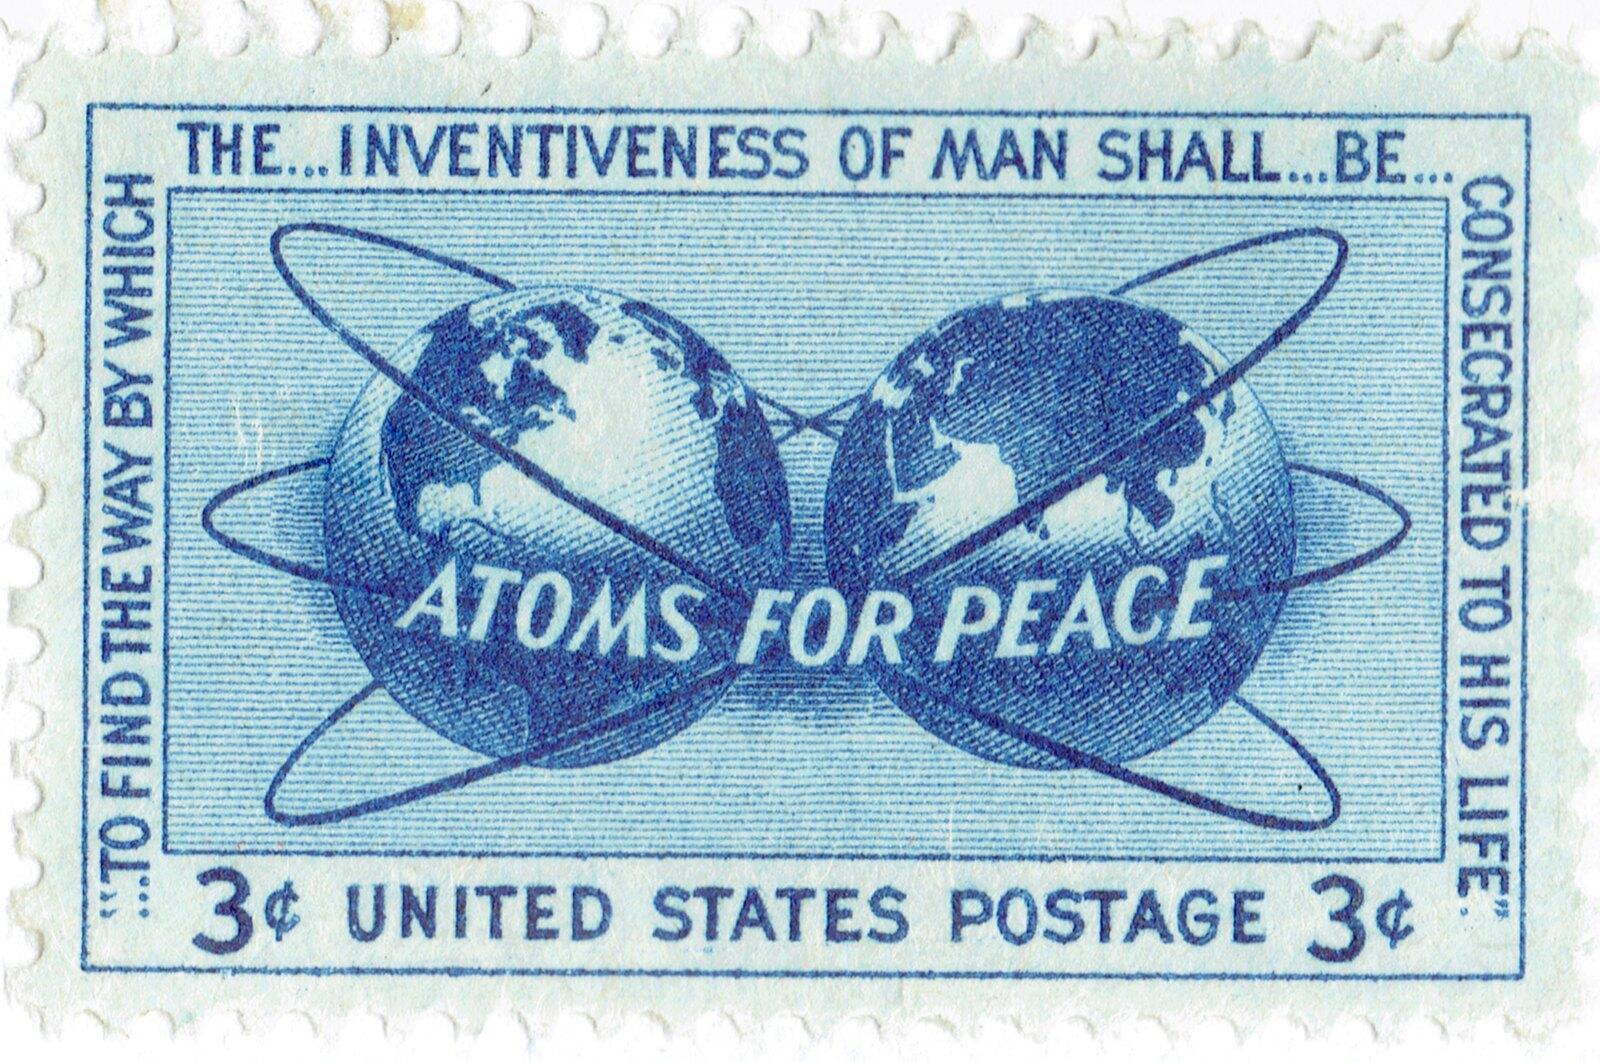 United States - Scott #1070 (1955)